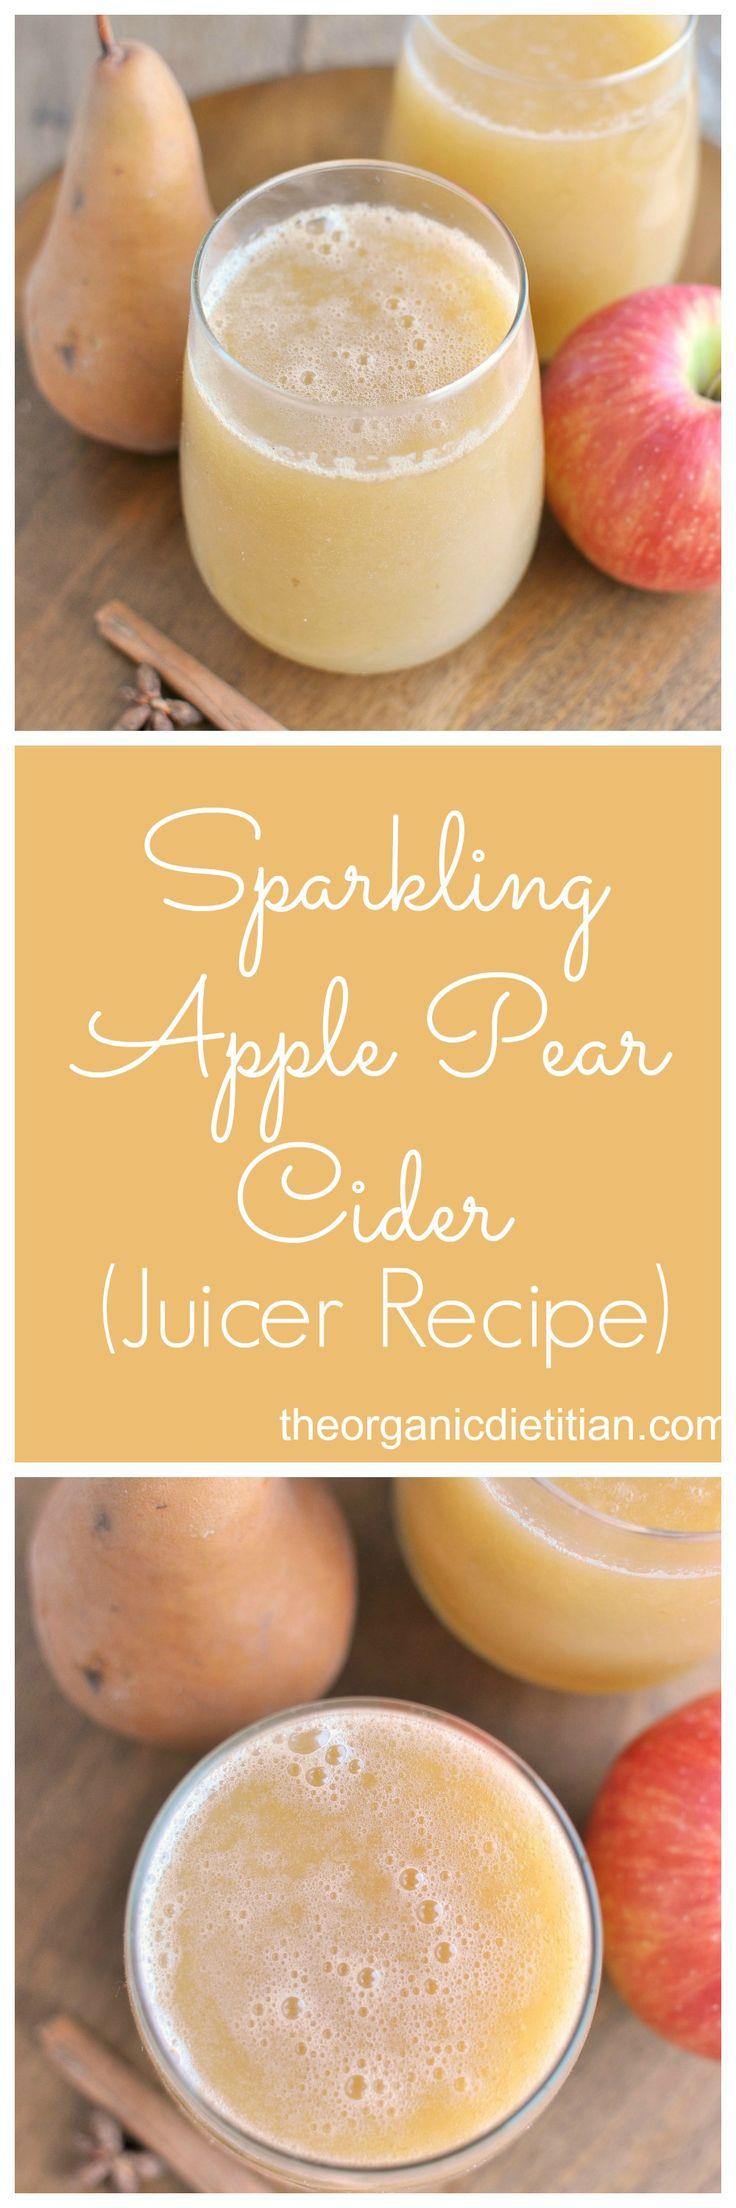 Sparkling apple-pear cider